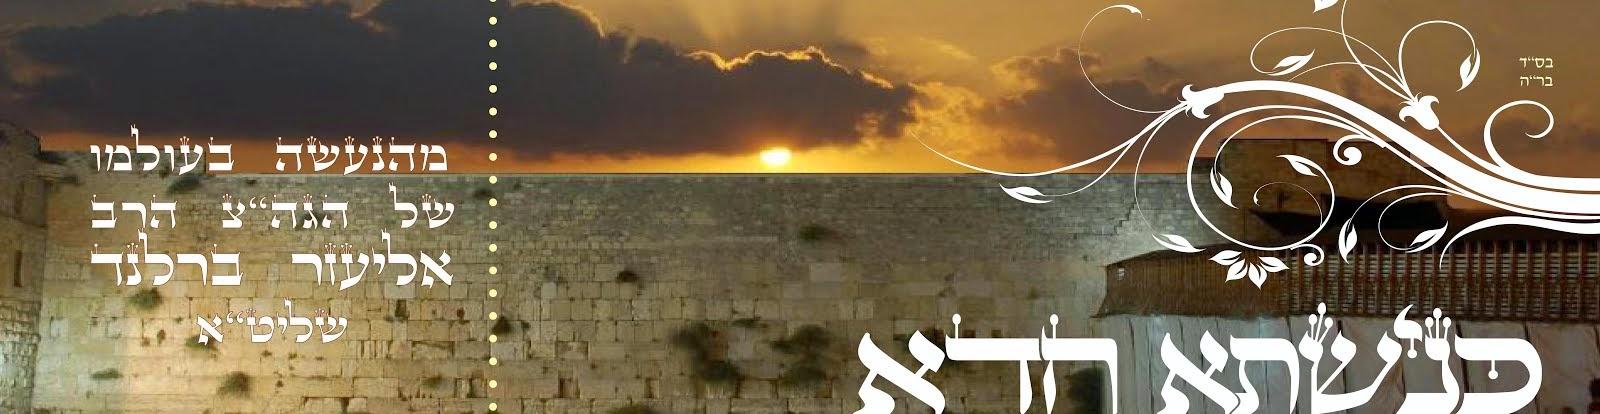 """כנישתא חדא - האתר הרשמי - מהנעשה בעולמו של הרב אליעזר ברלנד שליט""""א Rav Eliezer Berland Shlit""""a"""